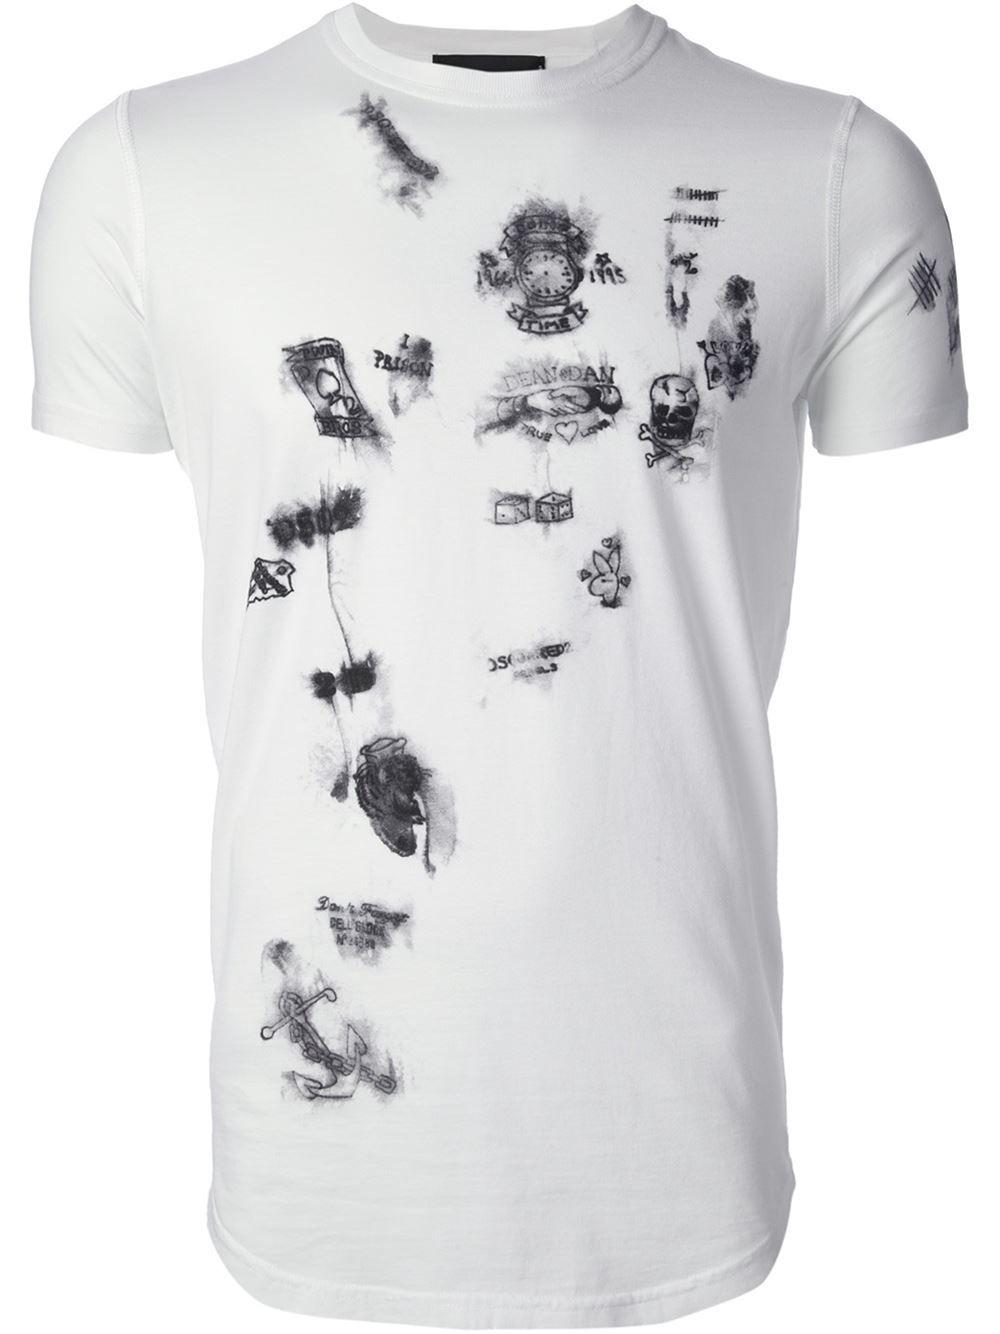 1c7811786a7 Dsquared2 Jail Graffiti Print T-shirt - Janes - Farfetch.com ...